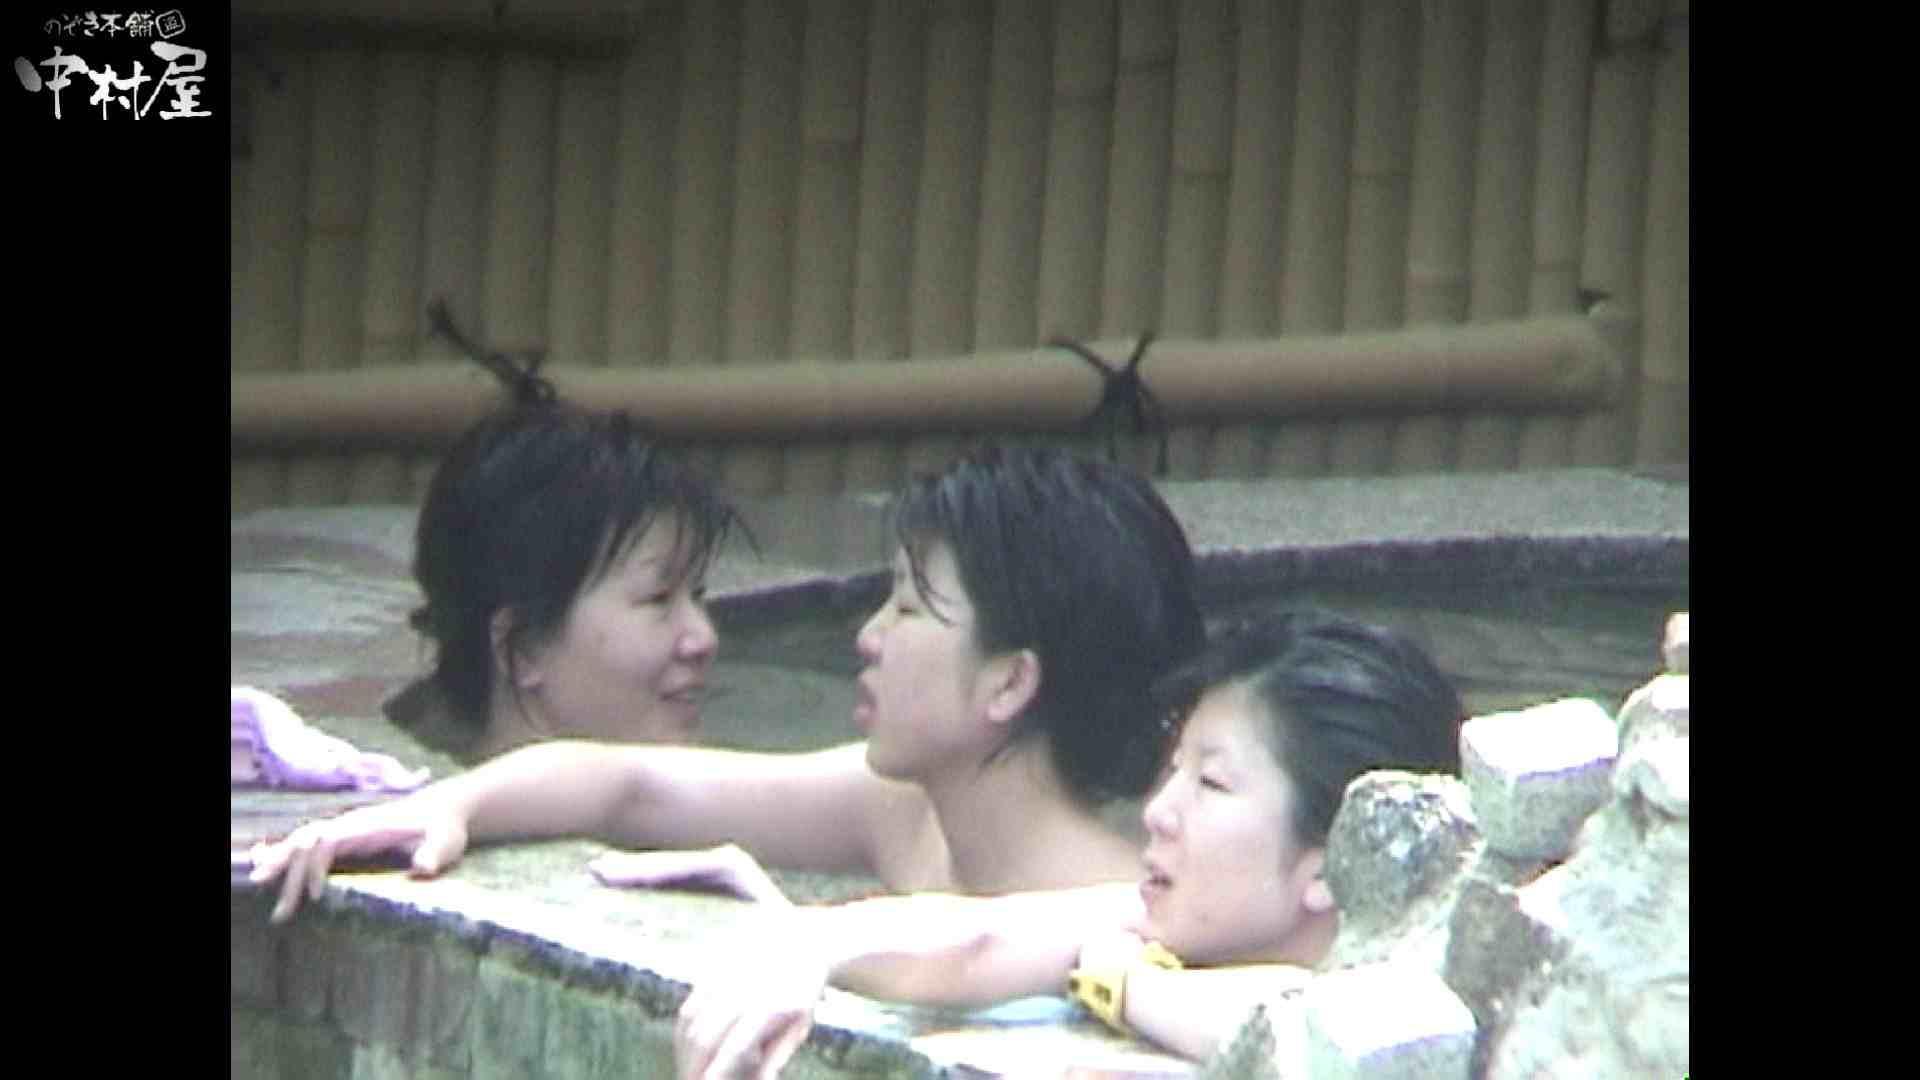 Aquaな露天風呂Vol.936 盗撮シリーズ  90PIX 50